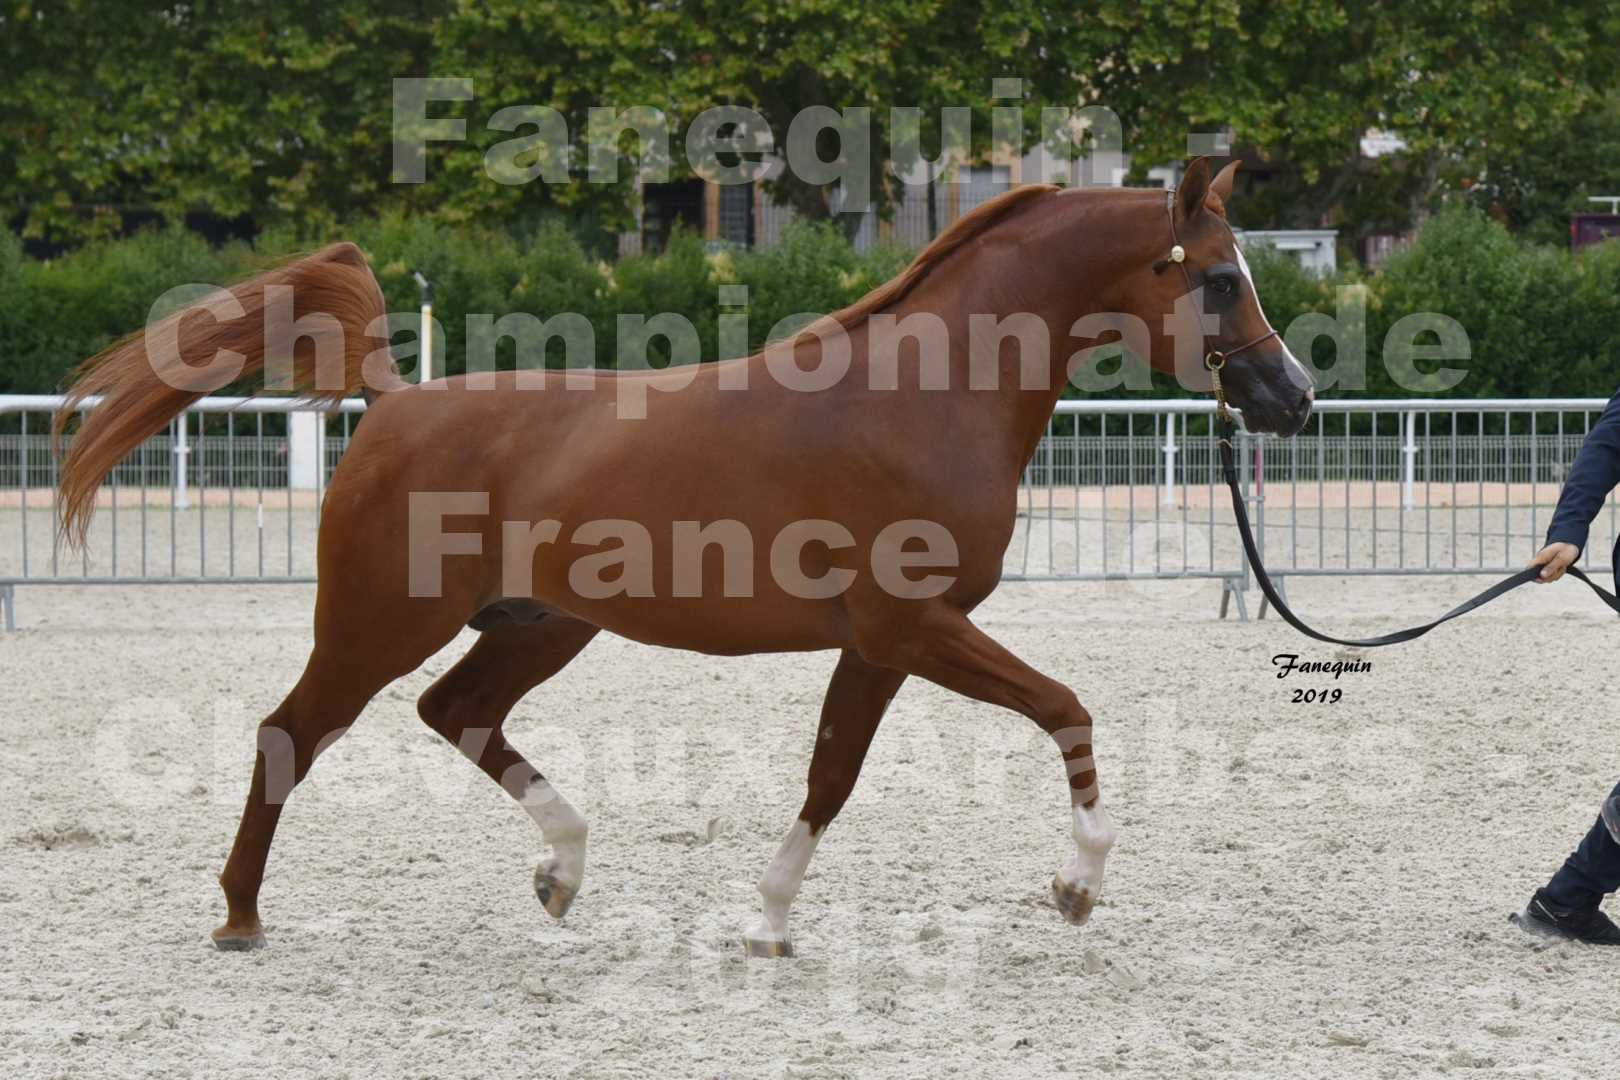 Championnat de France des chevaux Arabes en 2019 à VICHY - DZHARI NUNKI - 2